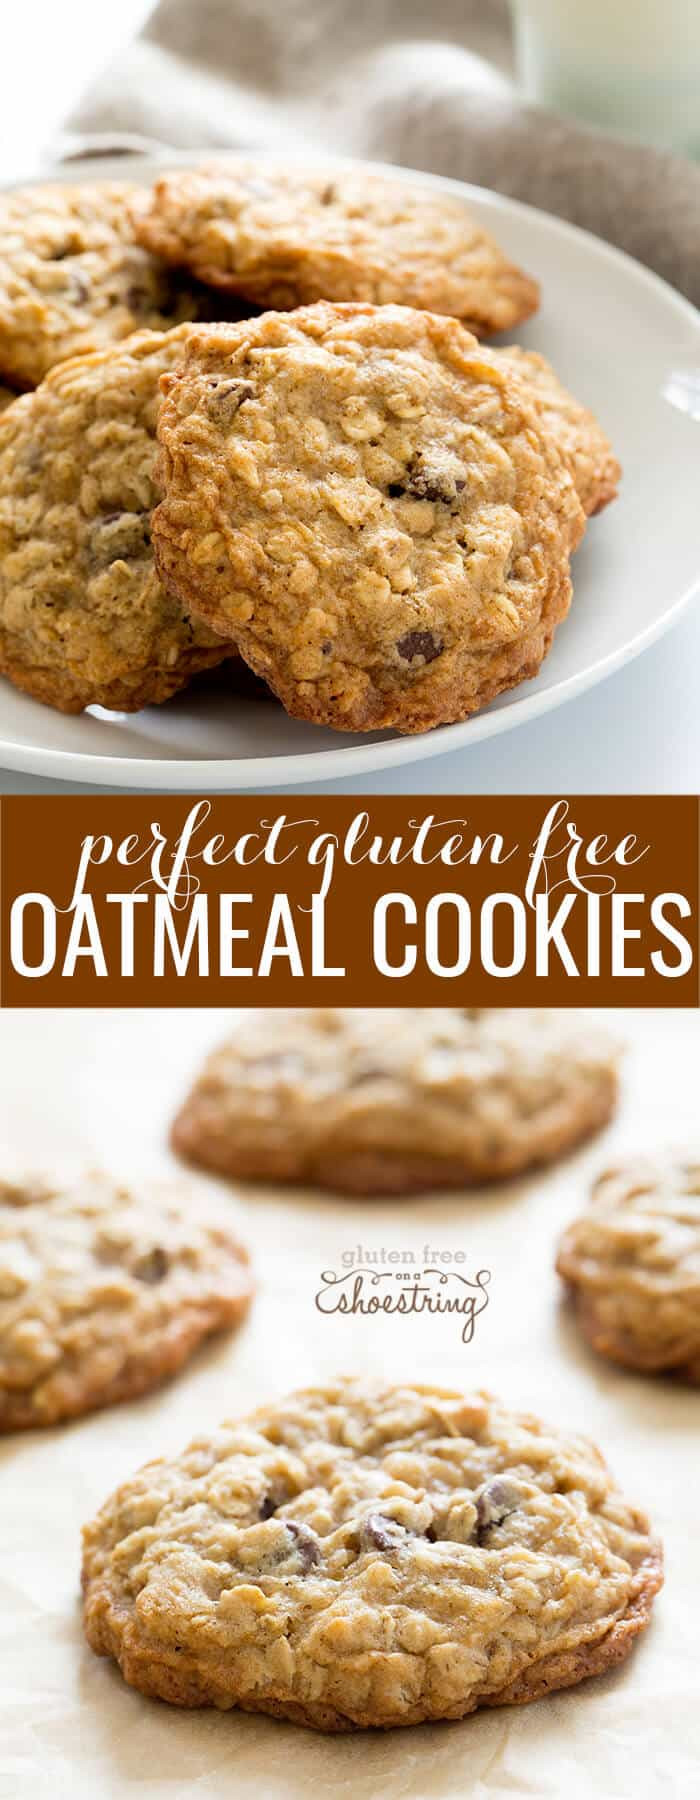 Gluten Free Dairy Free Oatmeal Cookies  Gluten Free Oatmeal Cookies